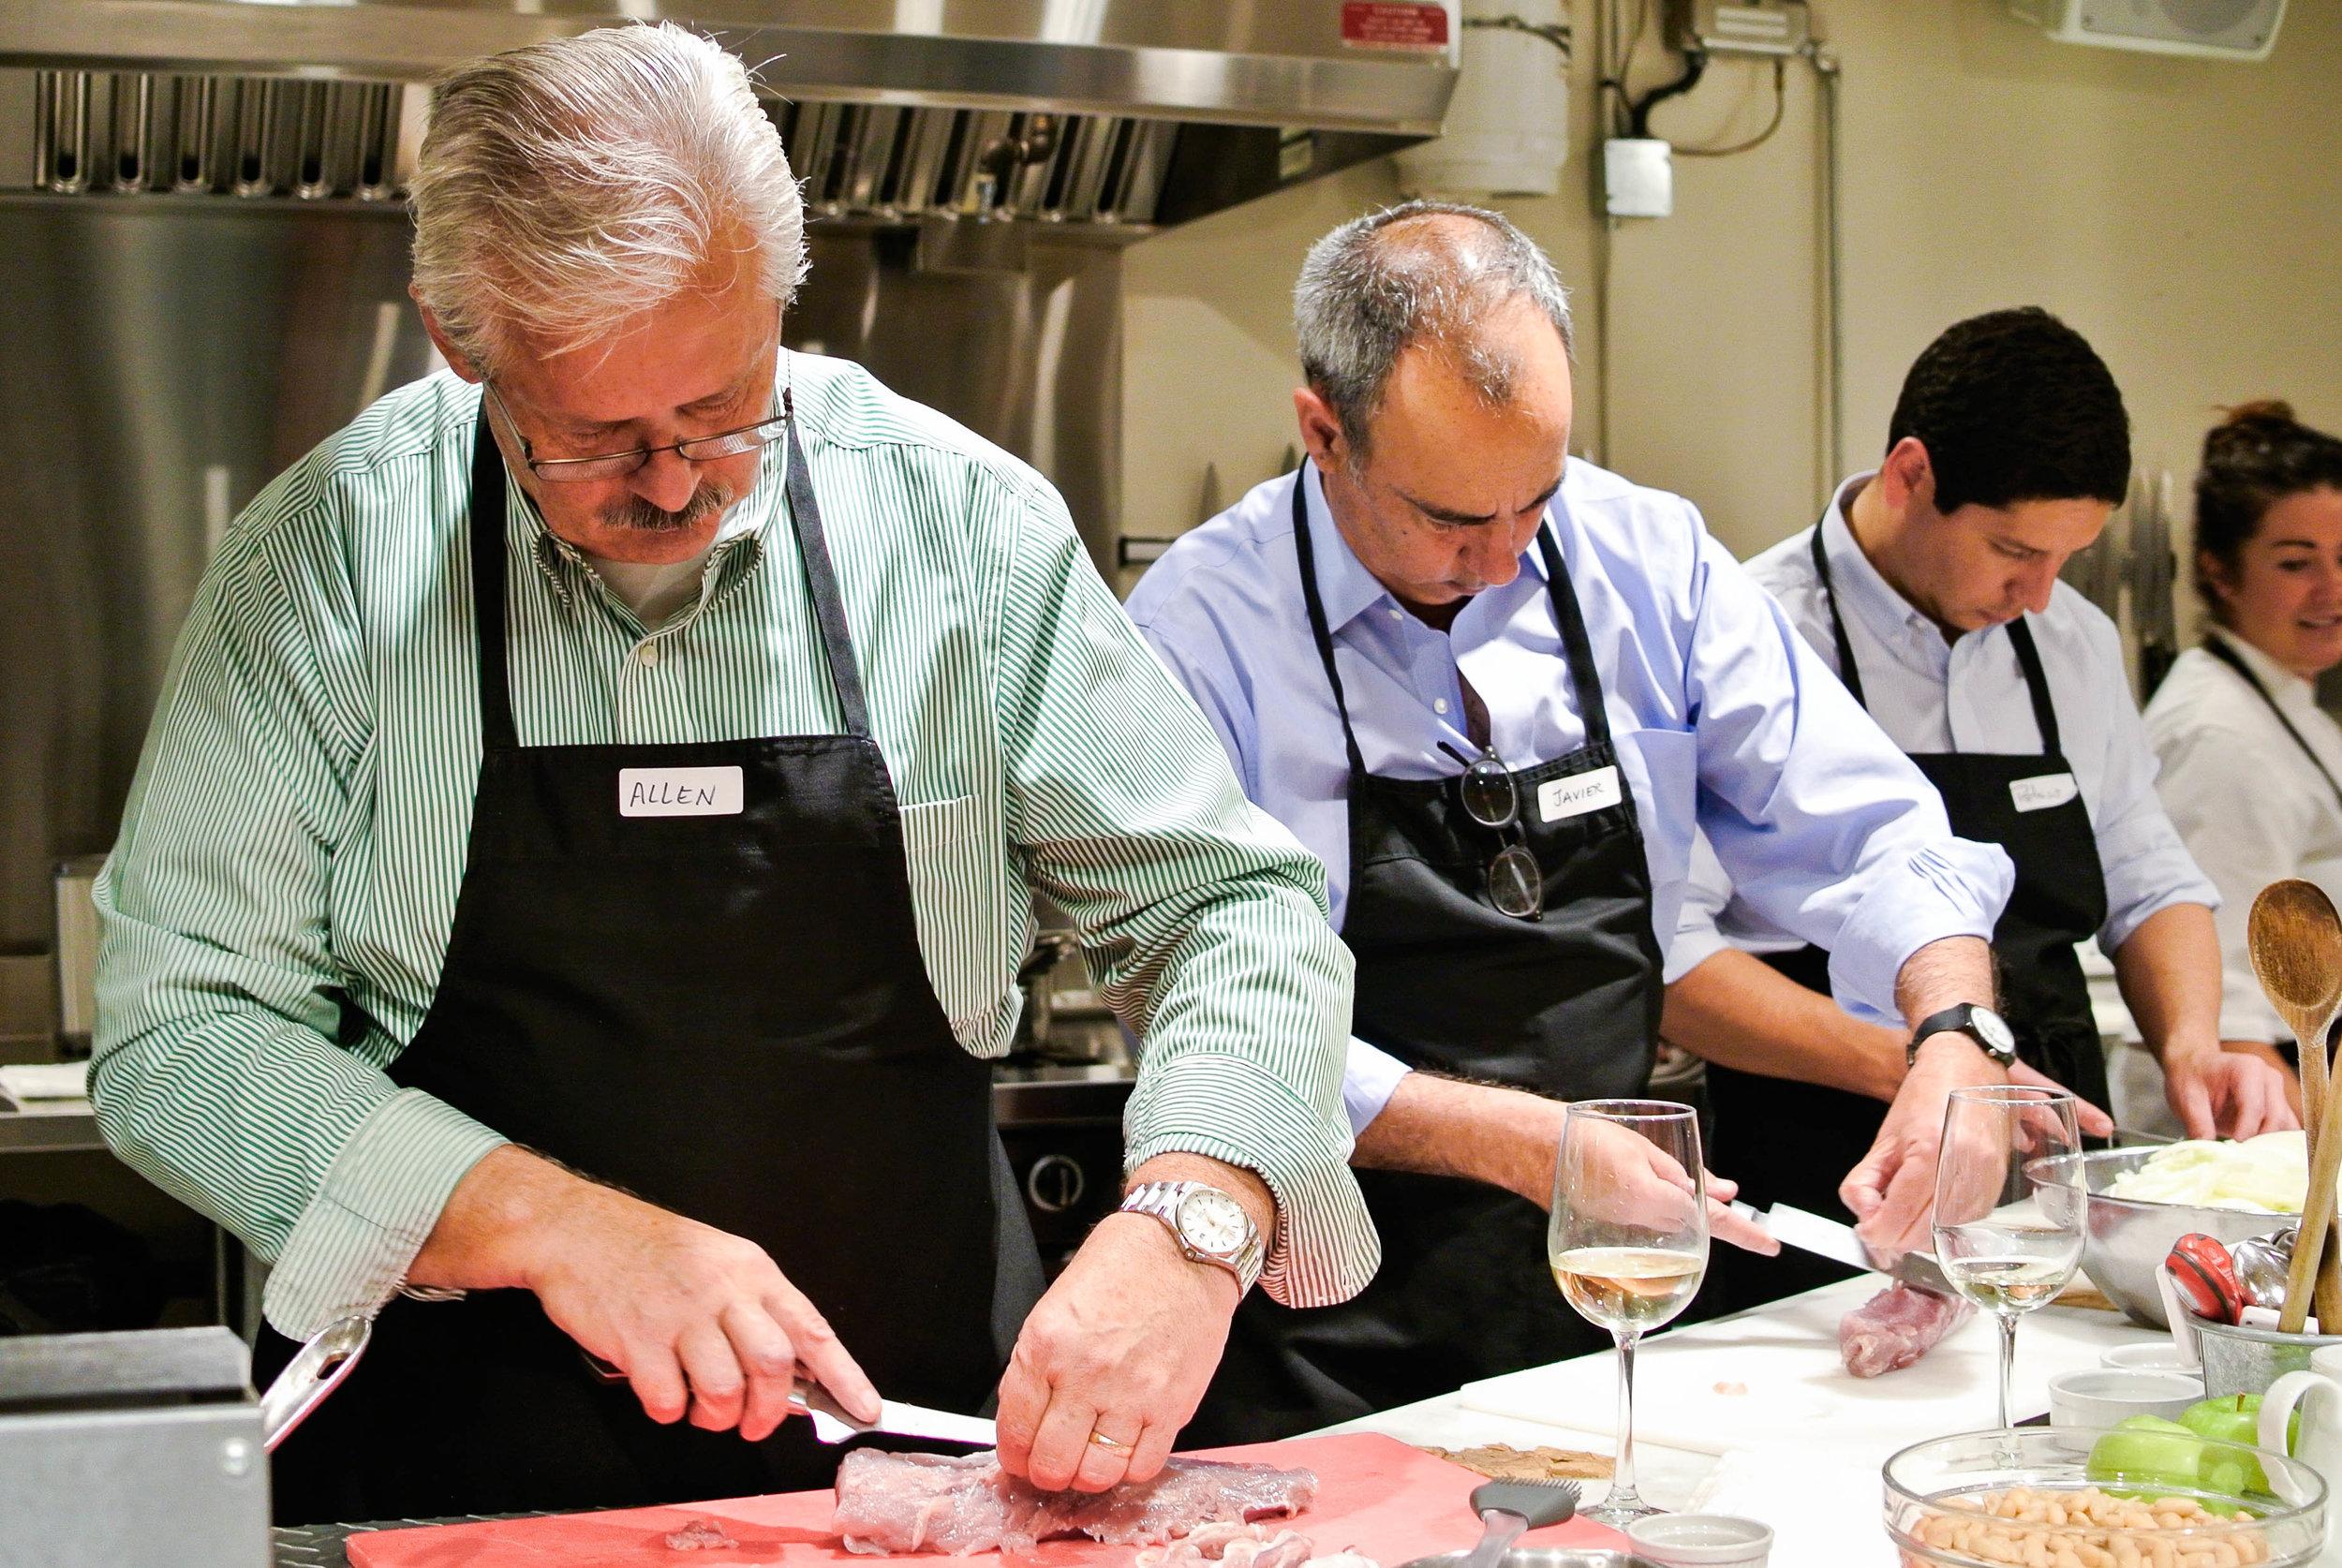 corporate_cooking_01 10.03.17.jpg